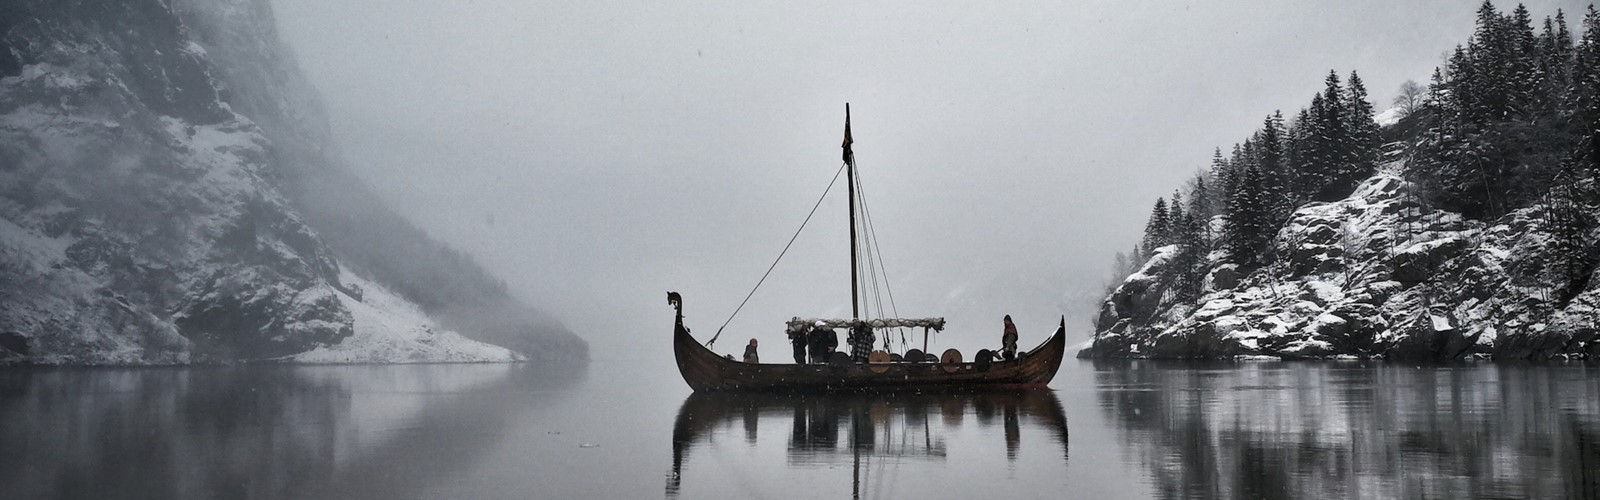 The Fascinating History of Viking Ships